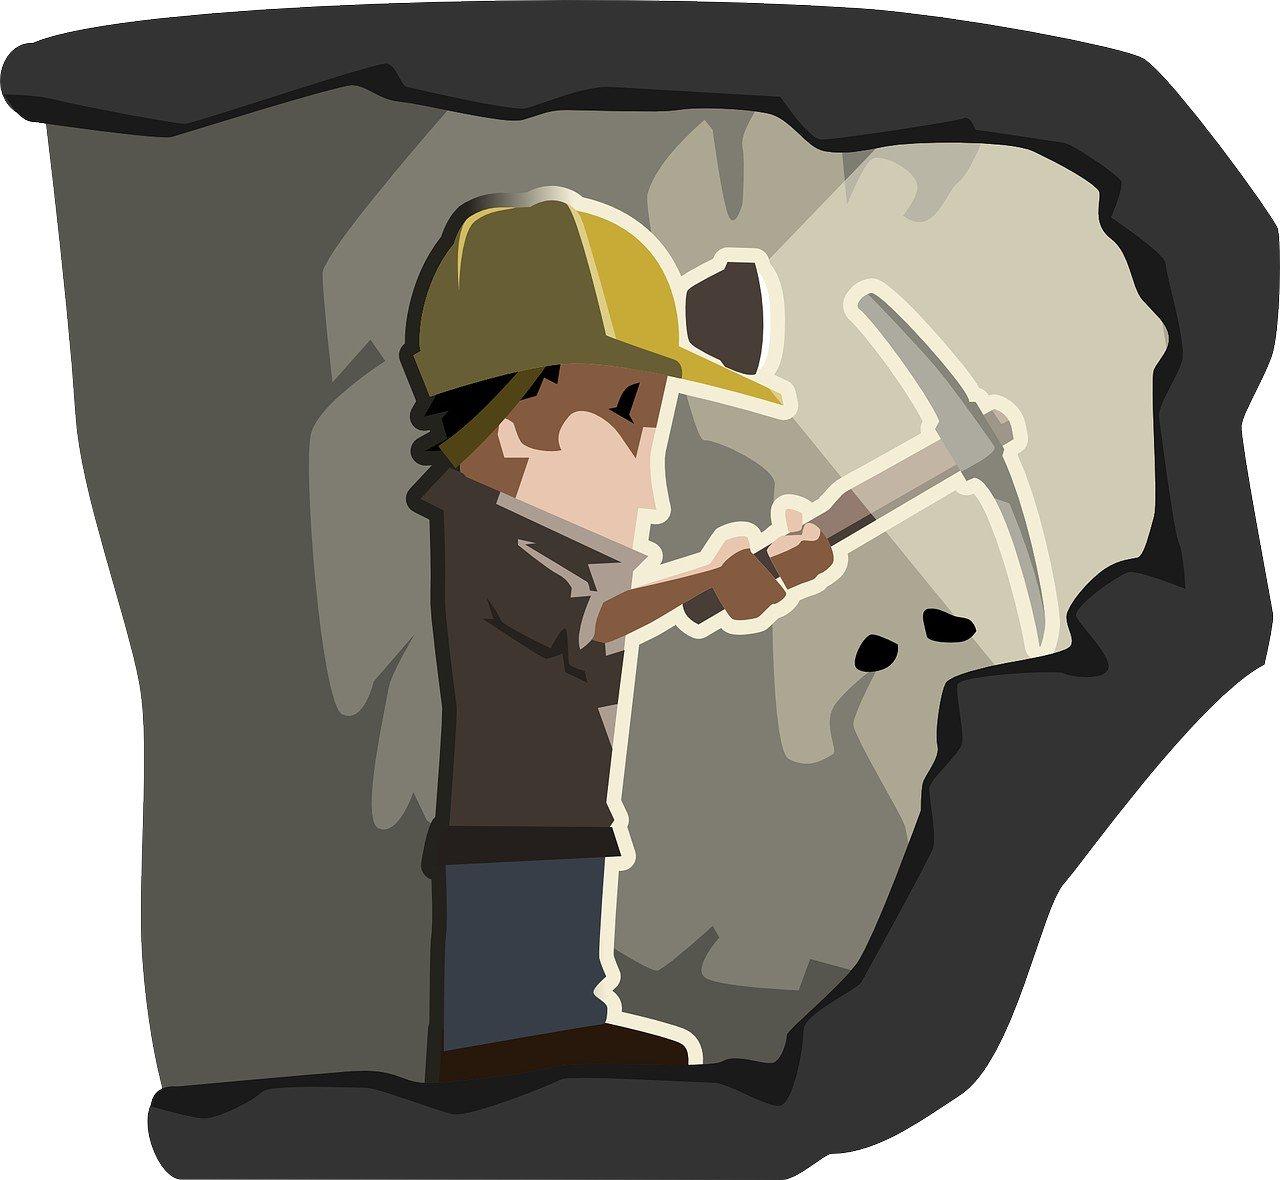 W kopalni wierszyk dla dzieci o górnikach